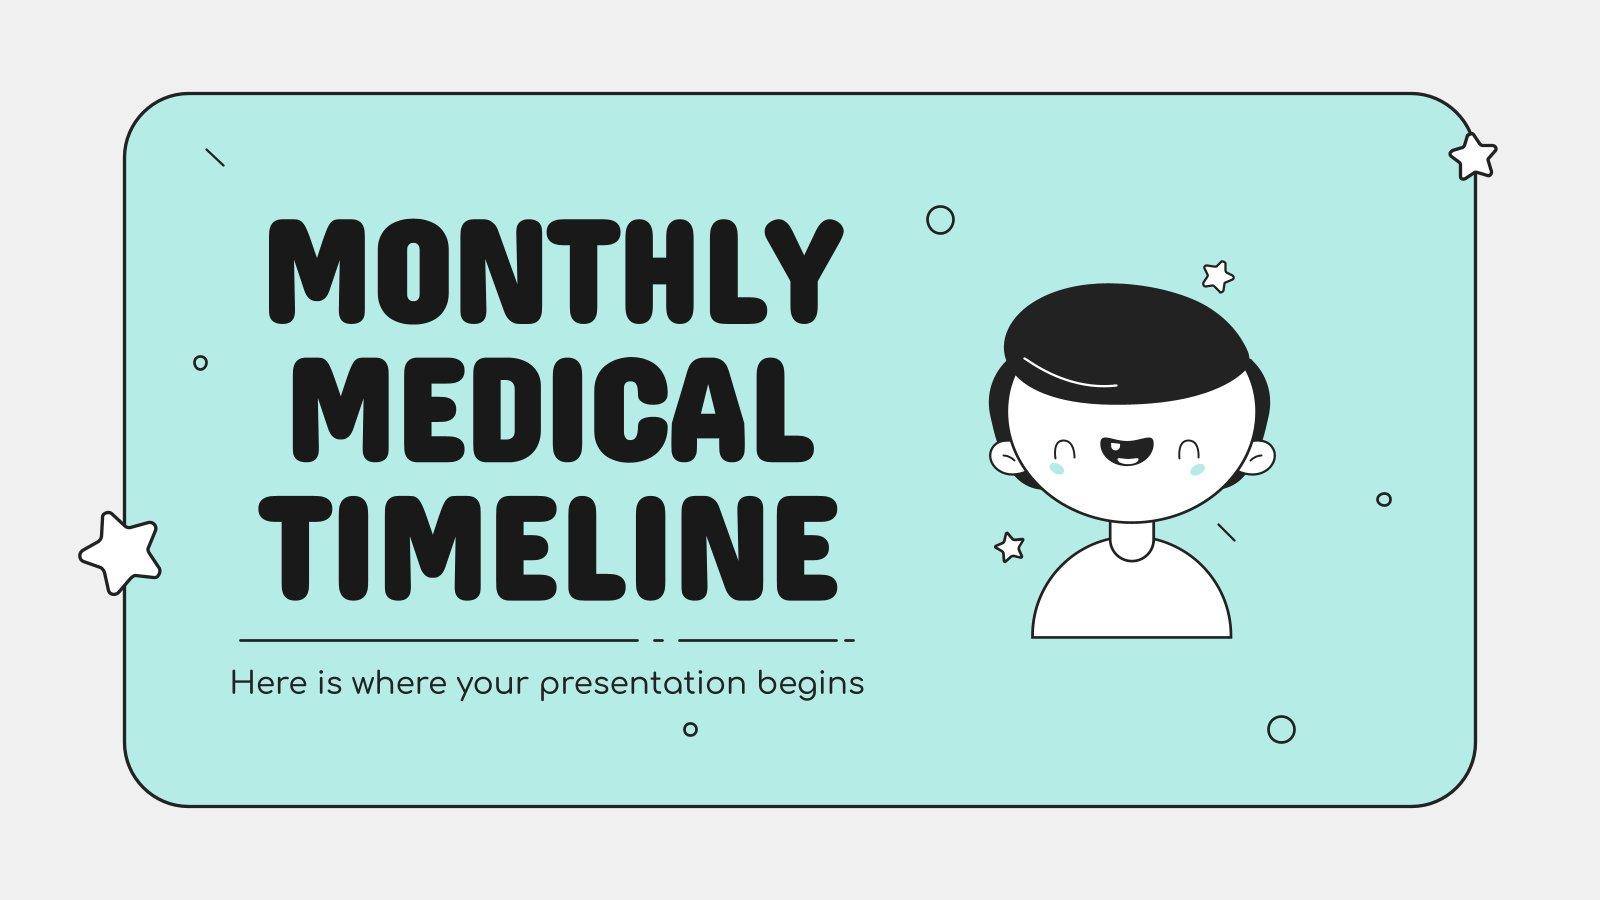 Plantilla de presentación Cronología mensual para temas médicos